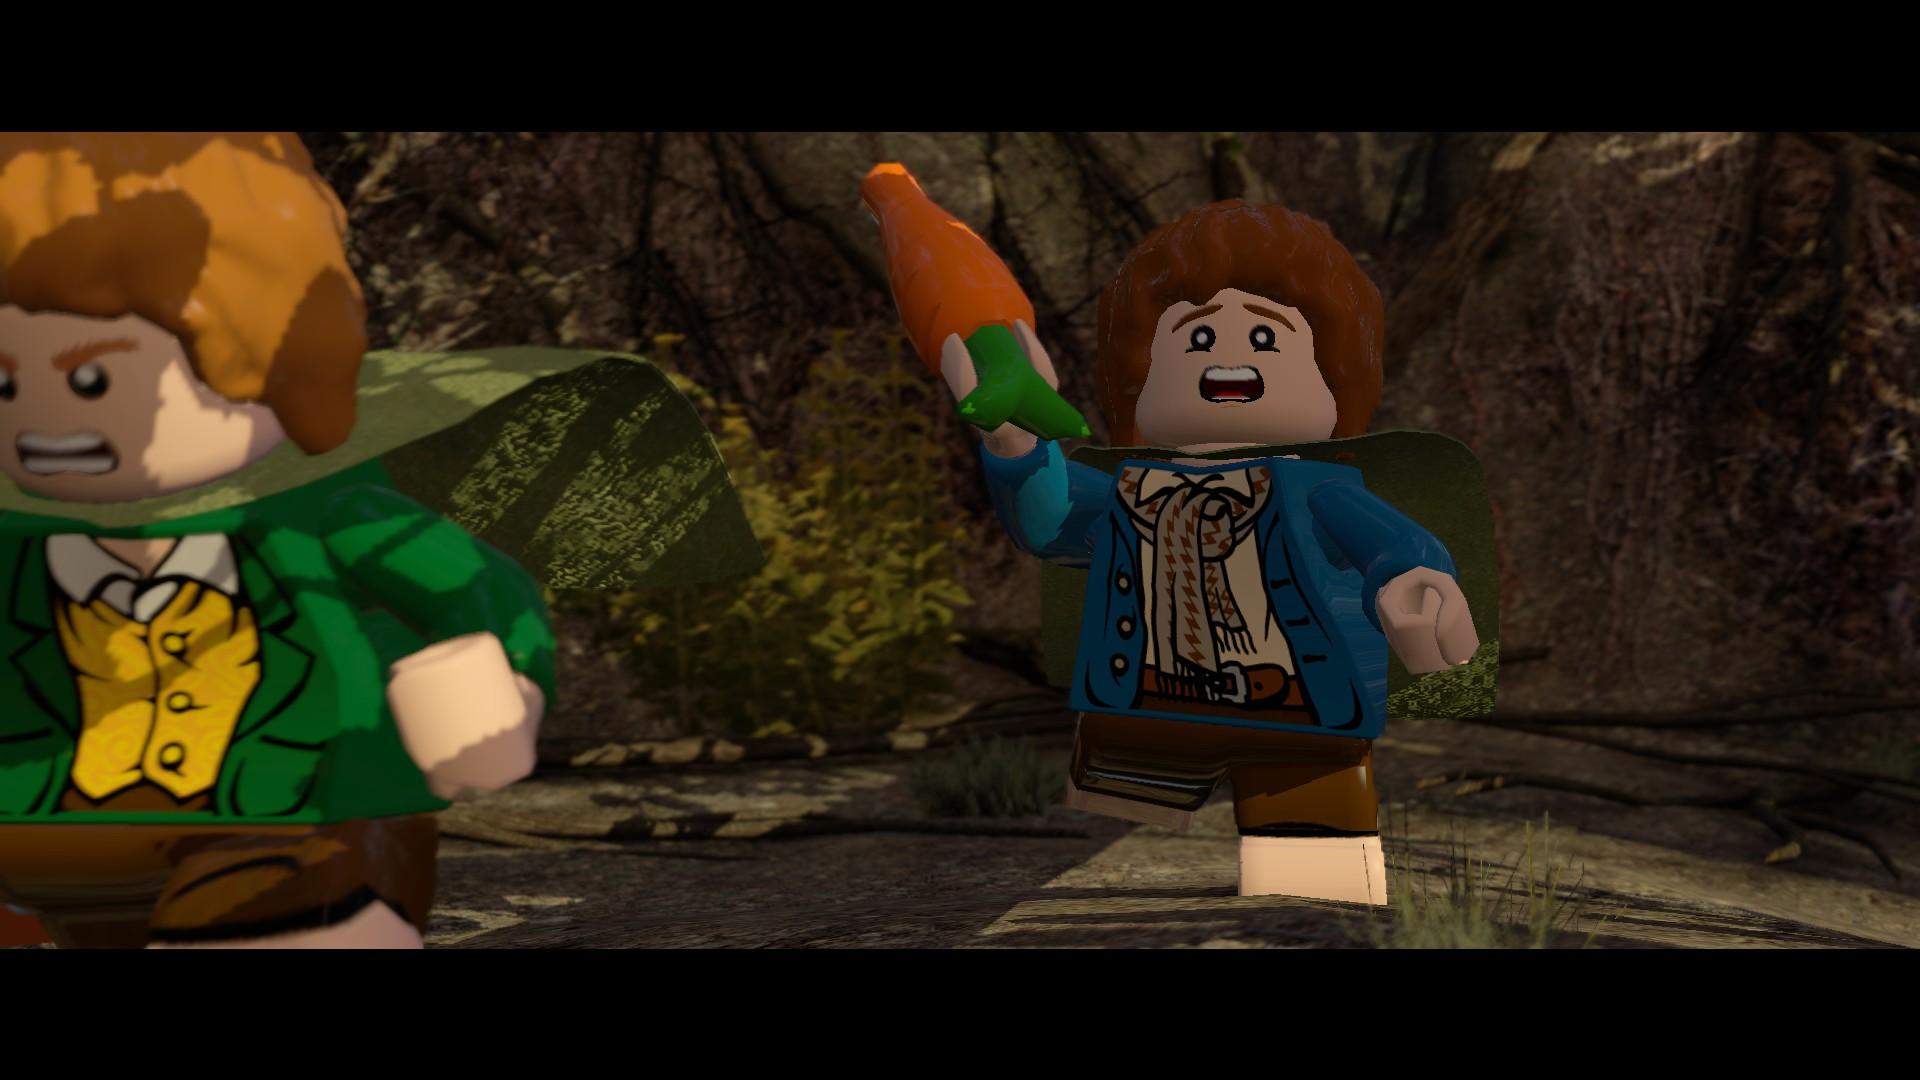 Как менять персонажей в свободной игре лего властелин колец игры губка боб бомбочки